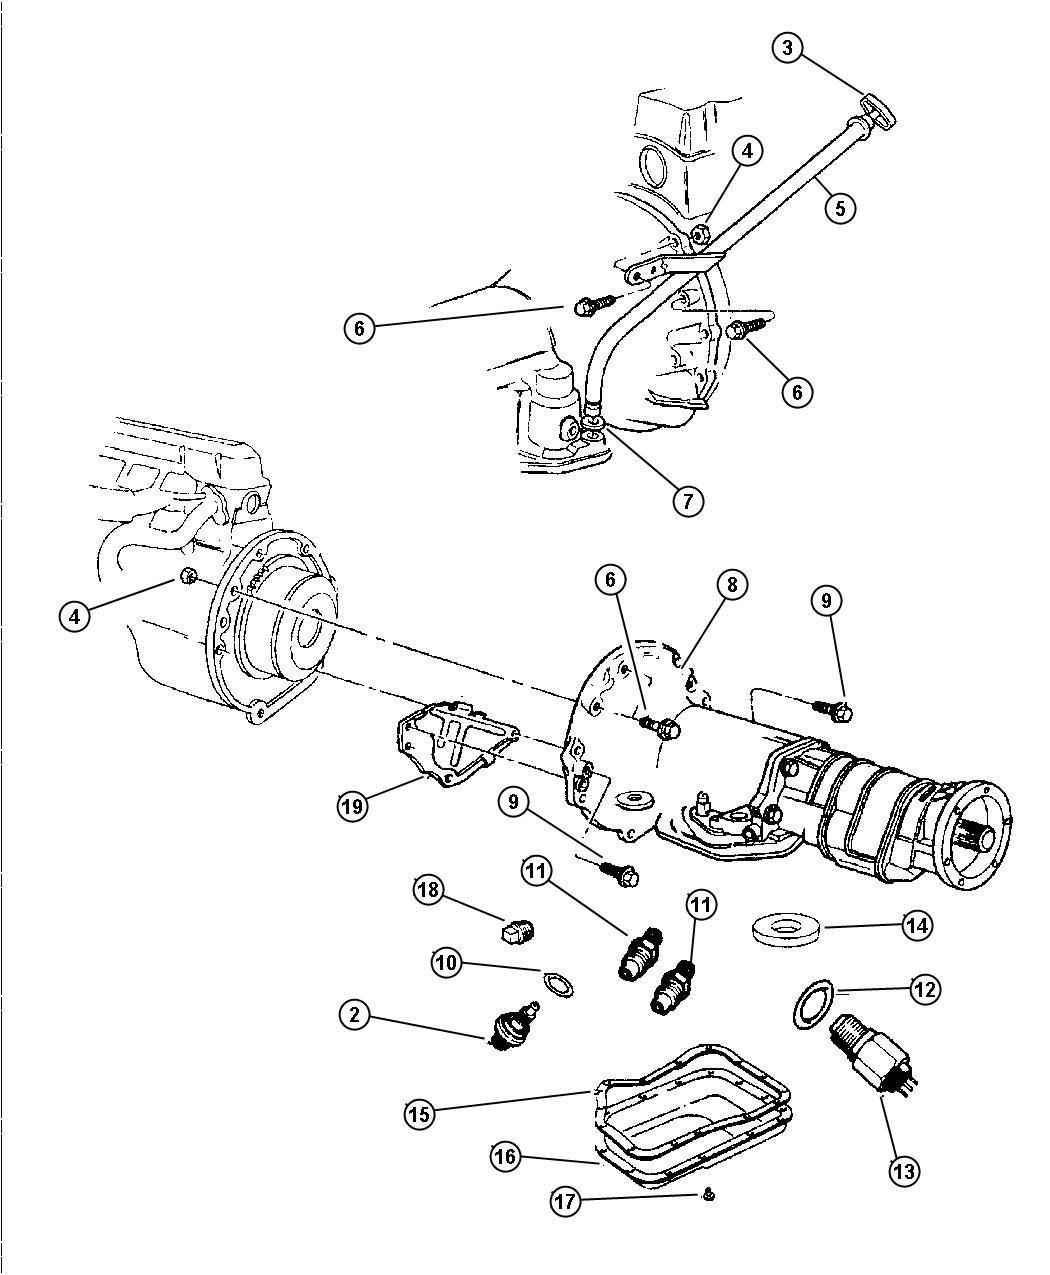 Chrysler Crossfire Tube Transmission Oil Filler